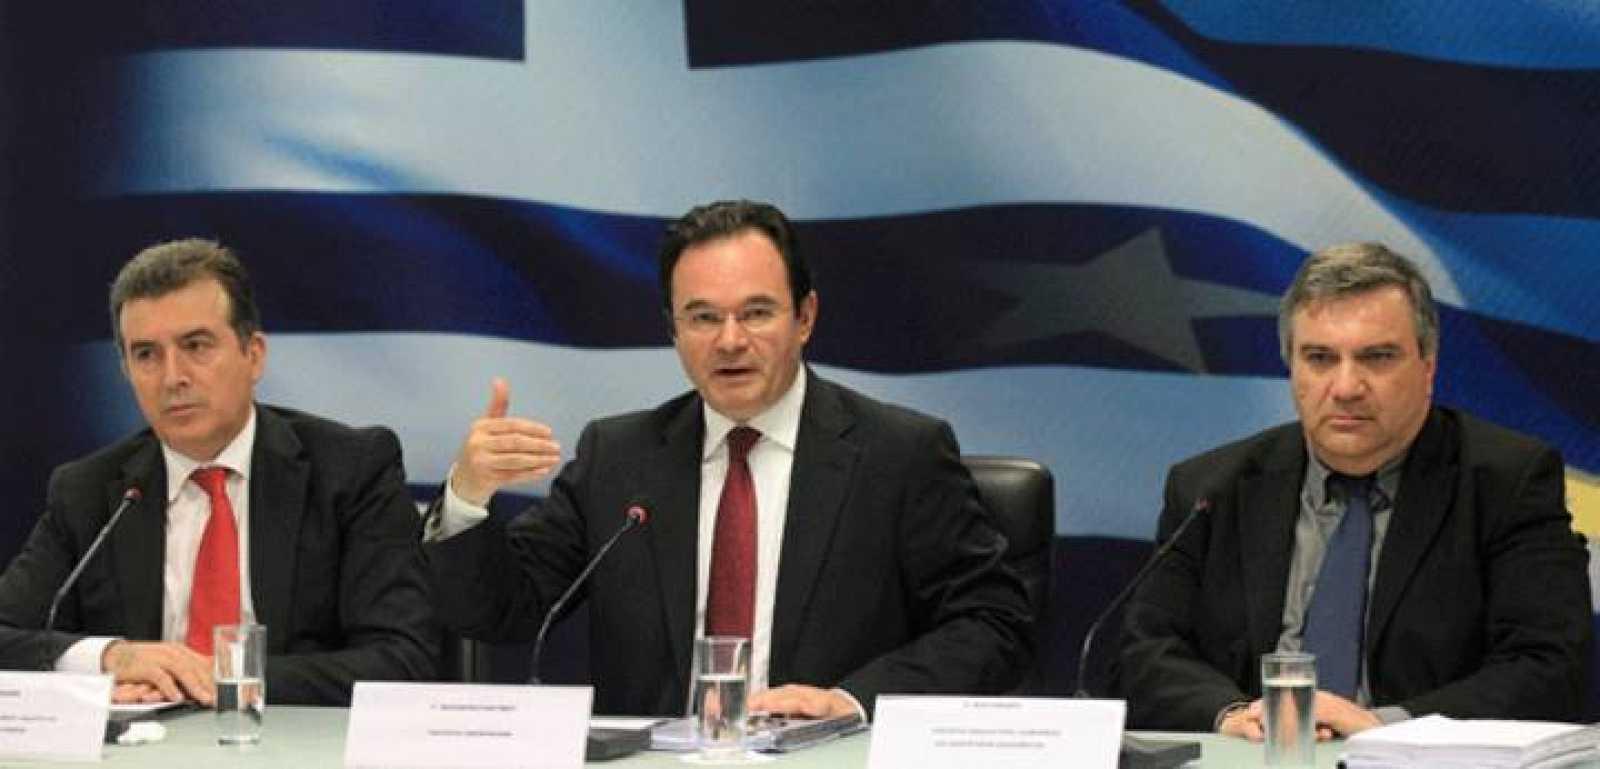 De izquierda a derecha, el ministro de Desarrollo regional, Michalis Chrysochoidis, el ministro griego de Finanzas, George Papaconstantinou y el ministro de Justicia, Haris Kastanidis